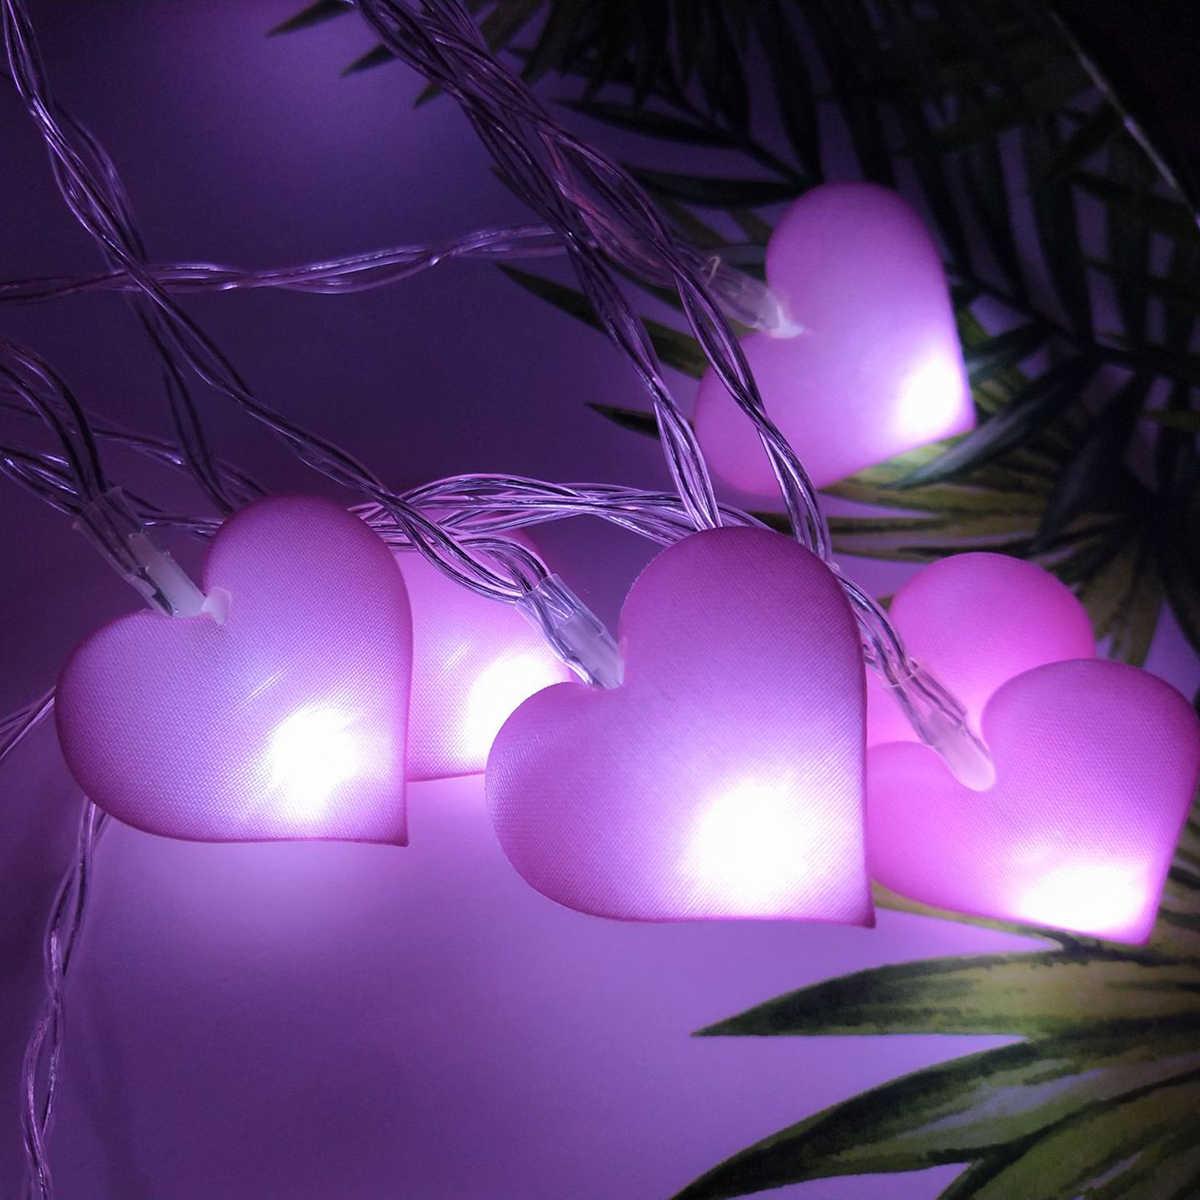 30 см 20 светодиодов в форме сердца, световые светодиоды, любовь, гирлянда, освещение для спальни, фонарики для украшения, аксессуары для стрельбы для девочек